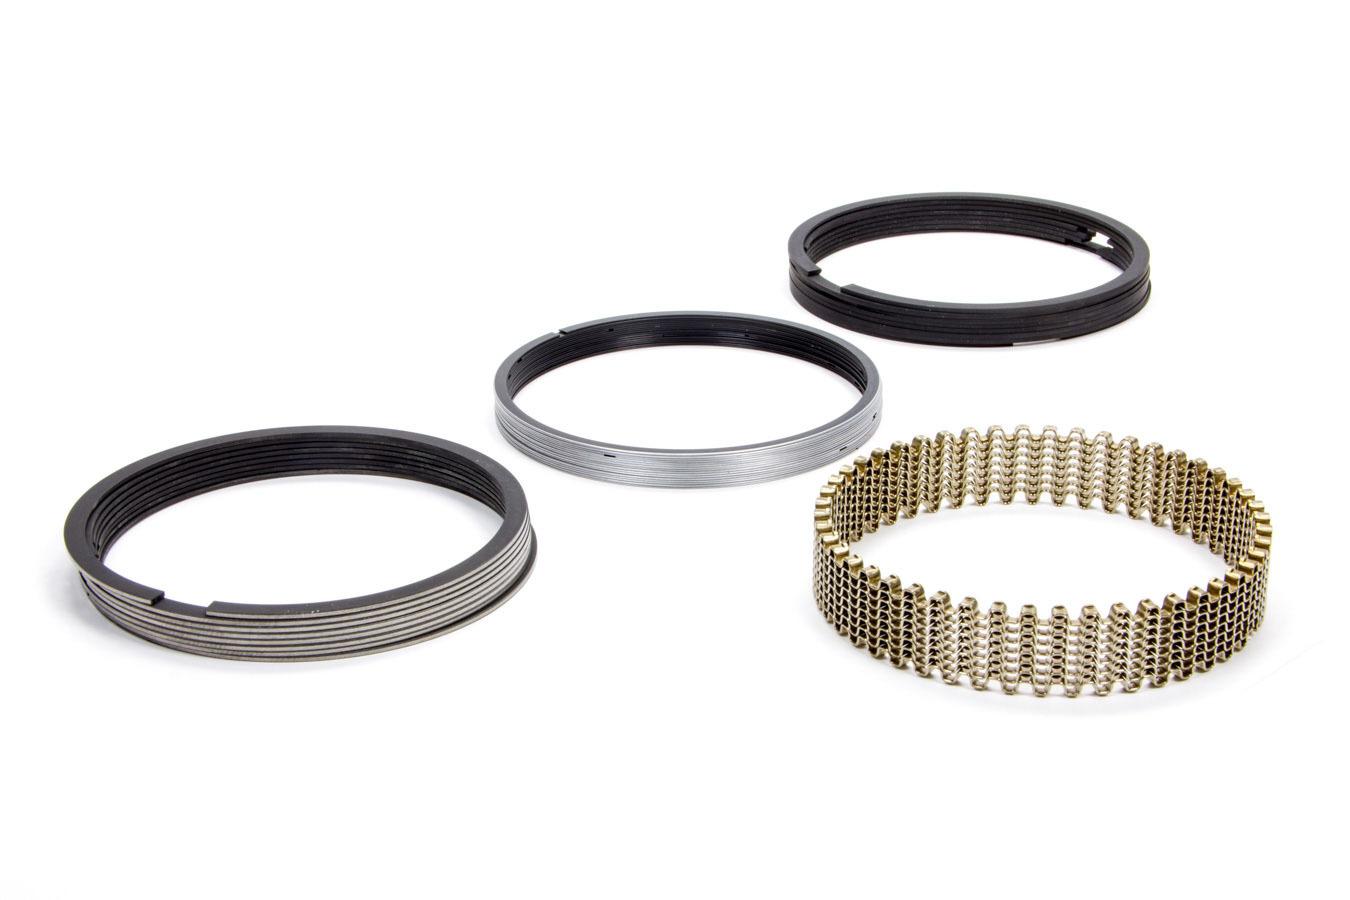 Piston Ring Set 4.280 1/16 1/16 3/16